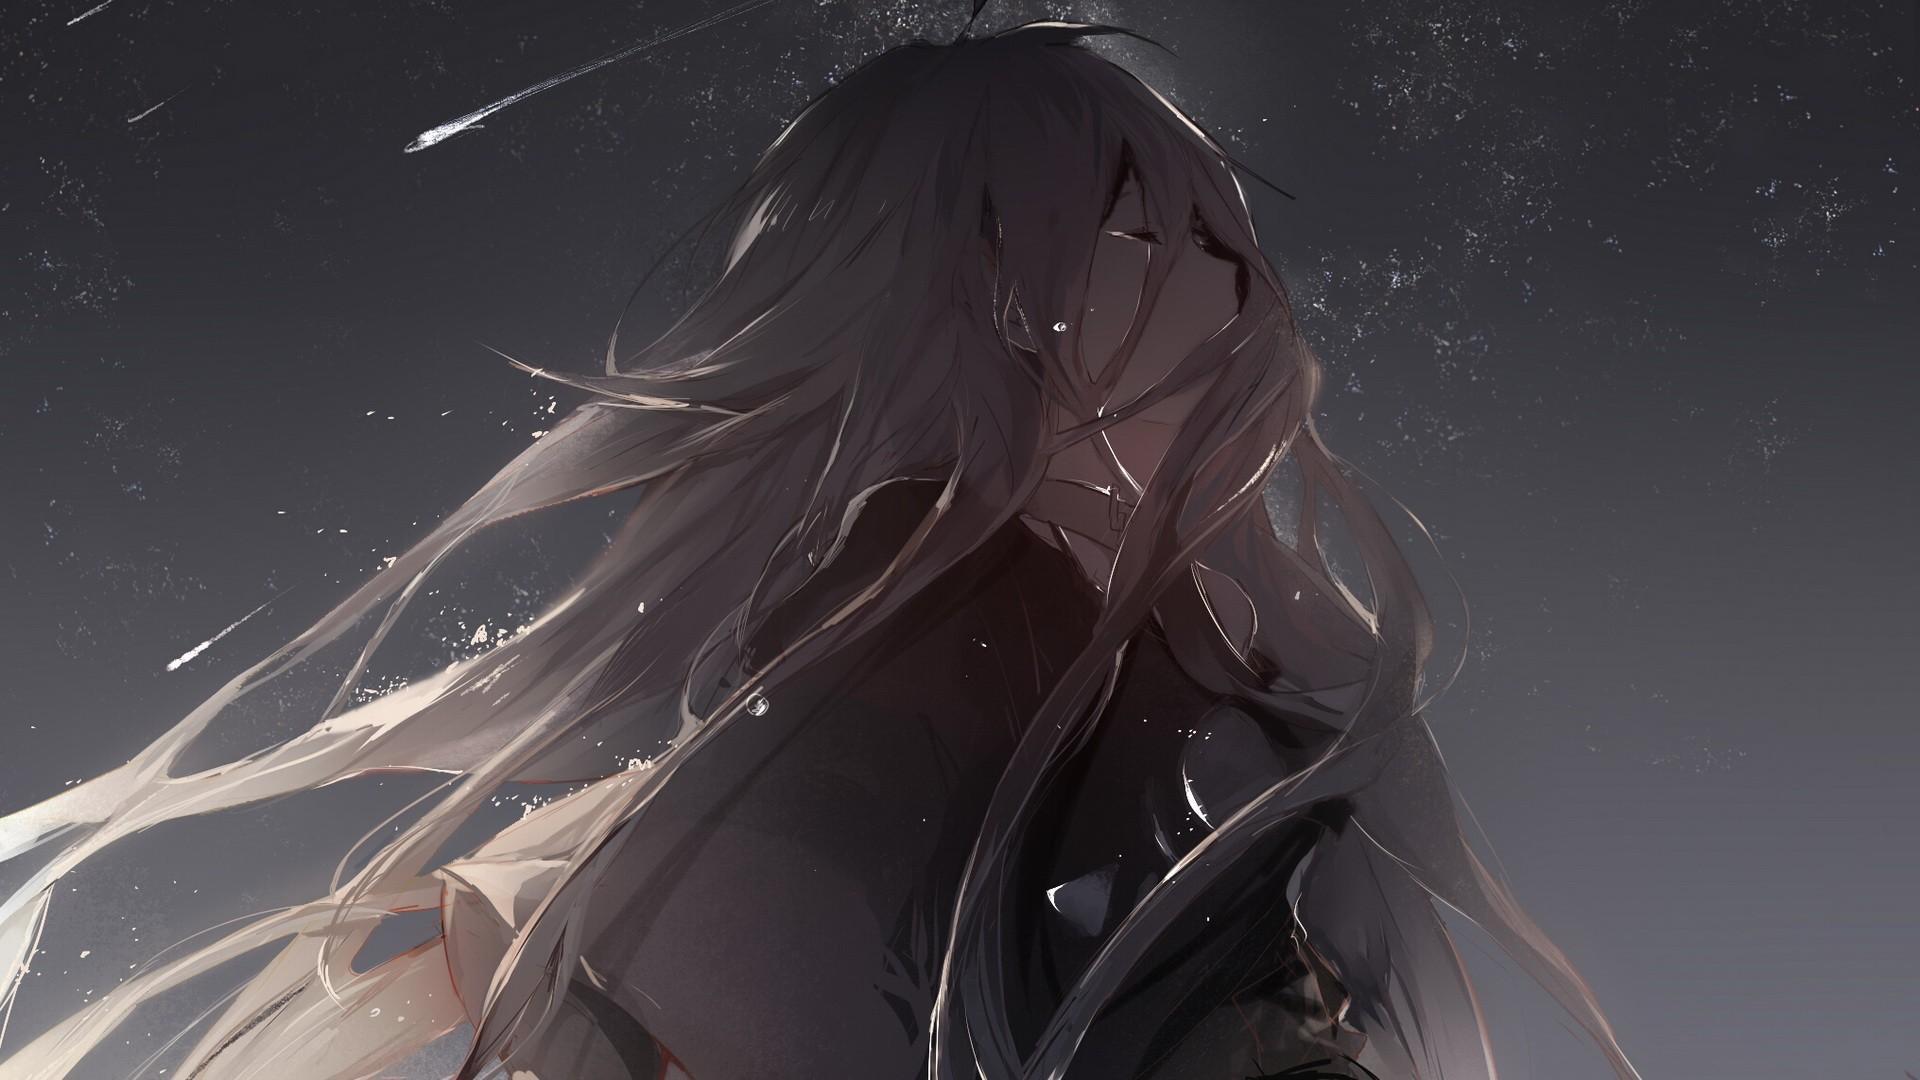 hình ảnh anime buồn khóc